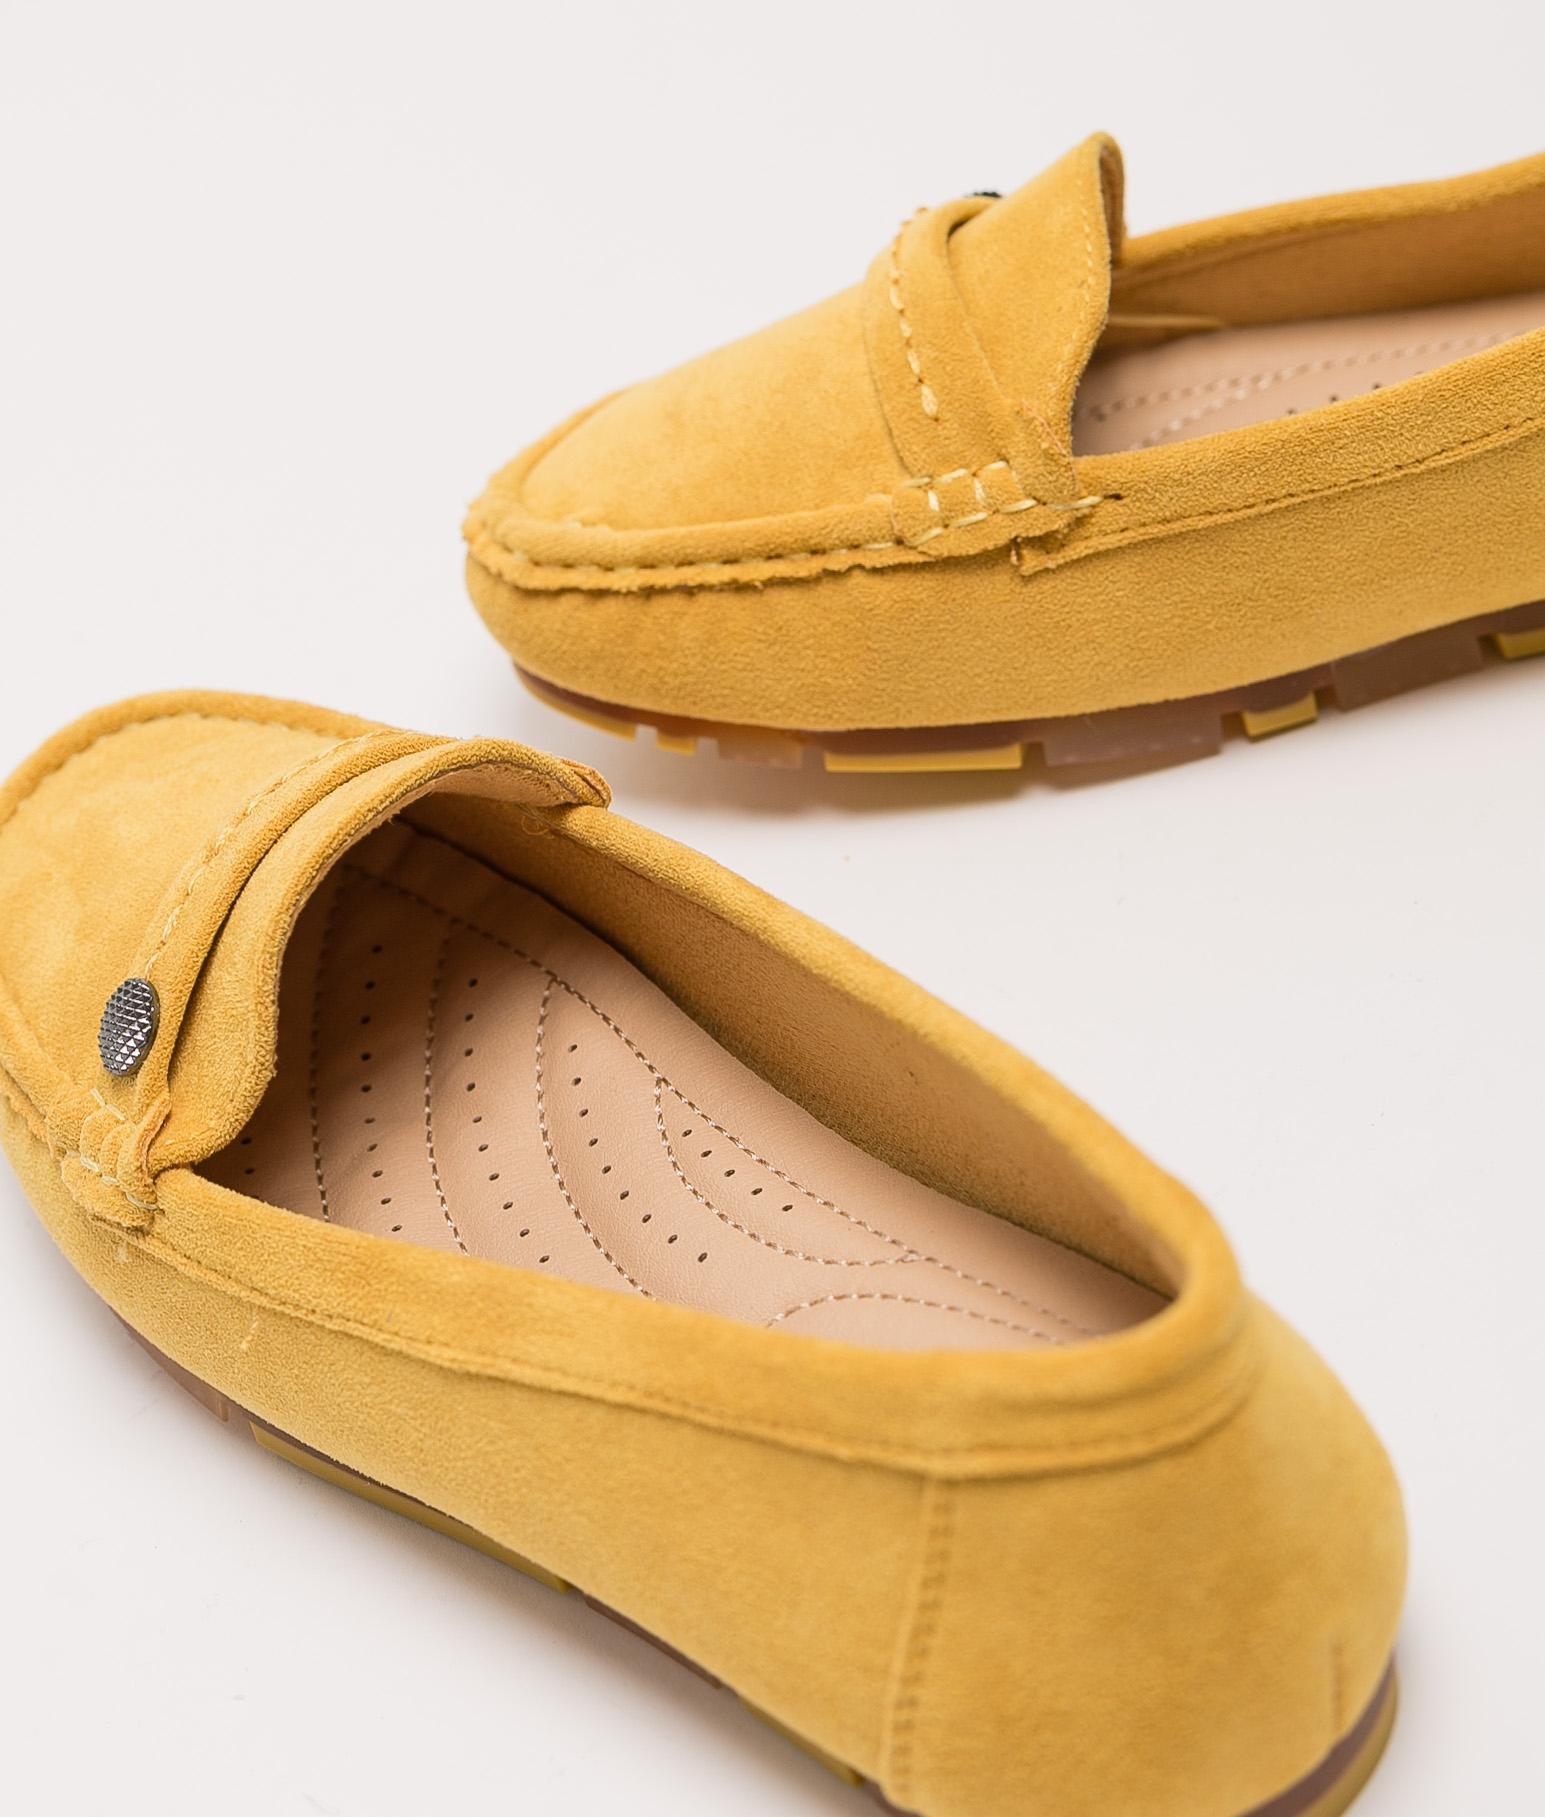 Shoes MIRTO - YELLOW